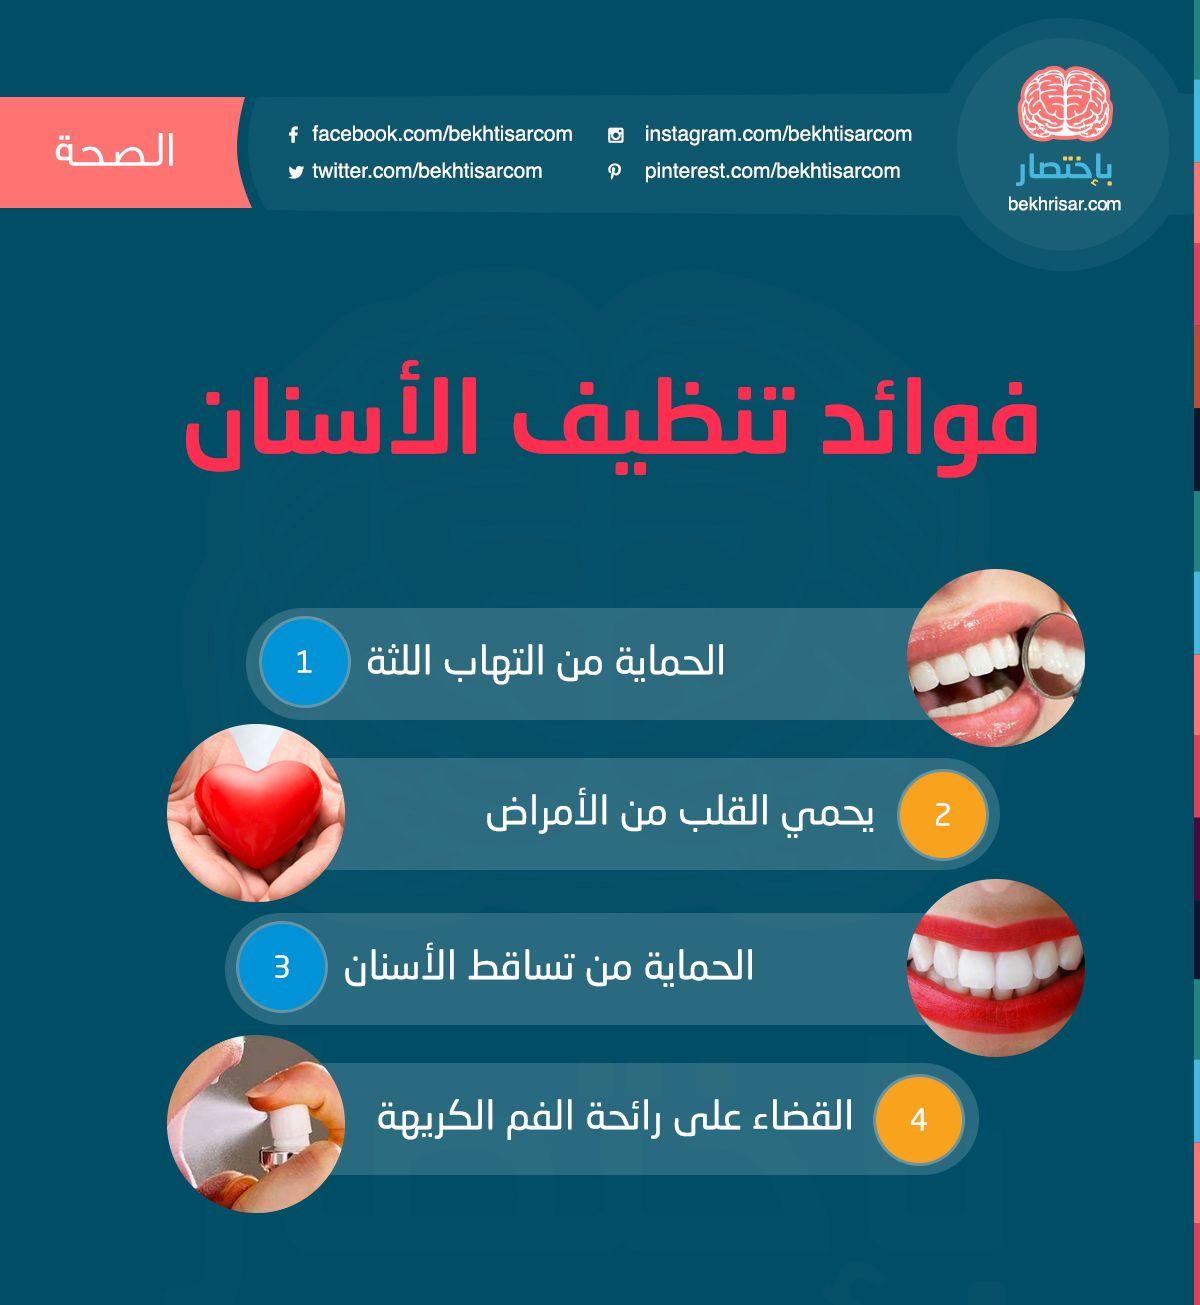 فوائد تنظيف الاسنان باختصار معلومة هل تعلم فوائد تنظيف الاسنان اللثة القلب الحماي Dental Hygiene Humor Dentistry Oral Health